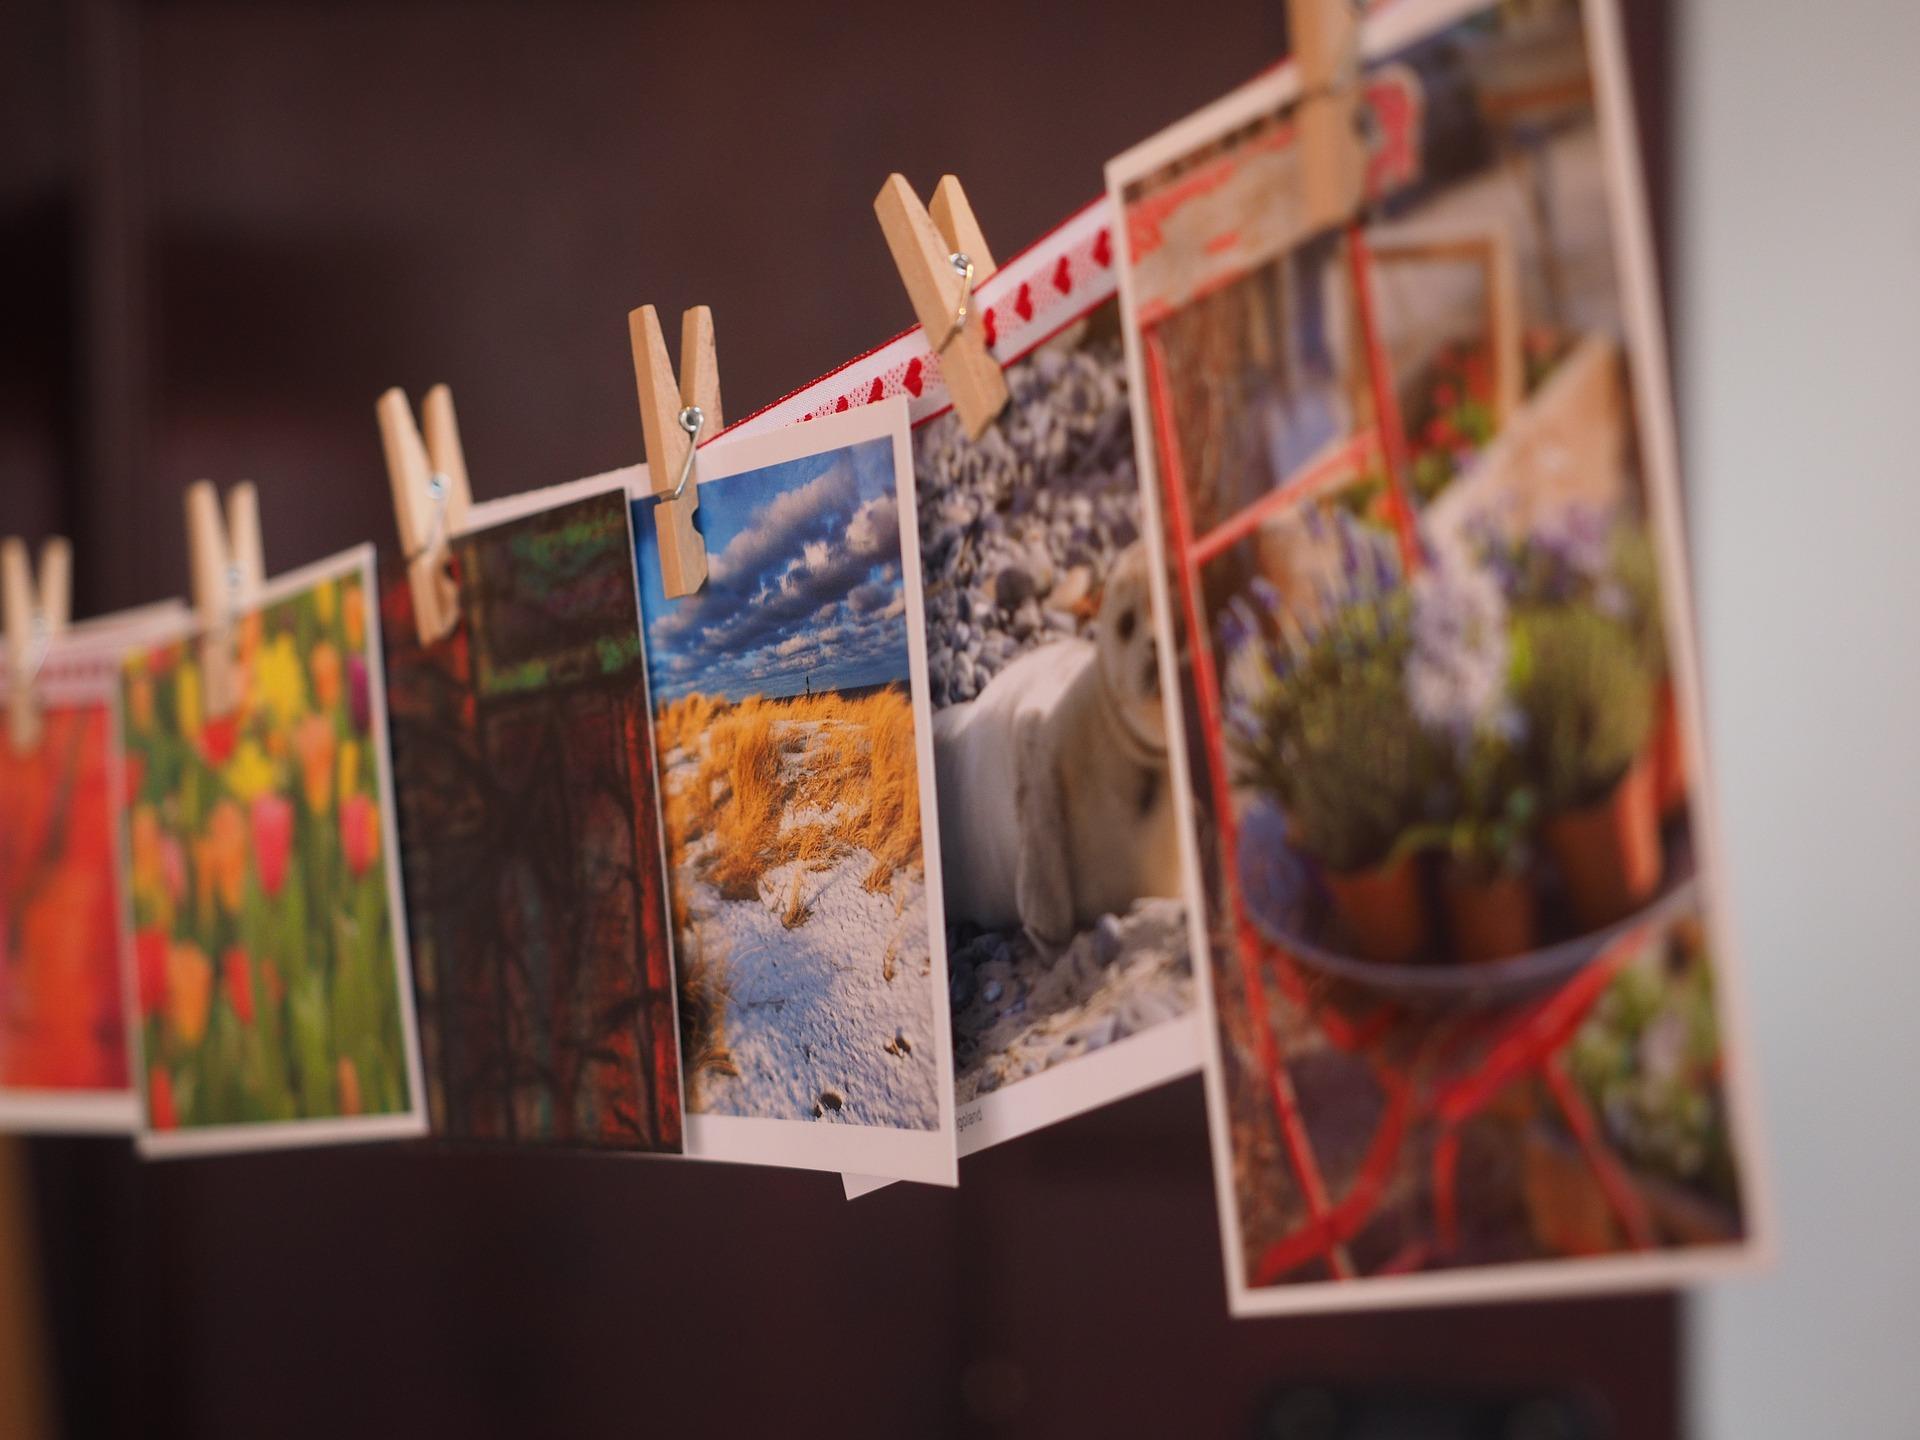 värikkäitä postikortteja pyykinarulla